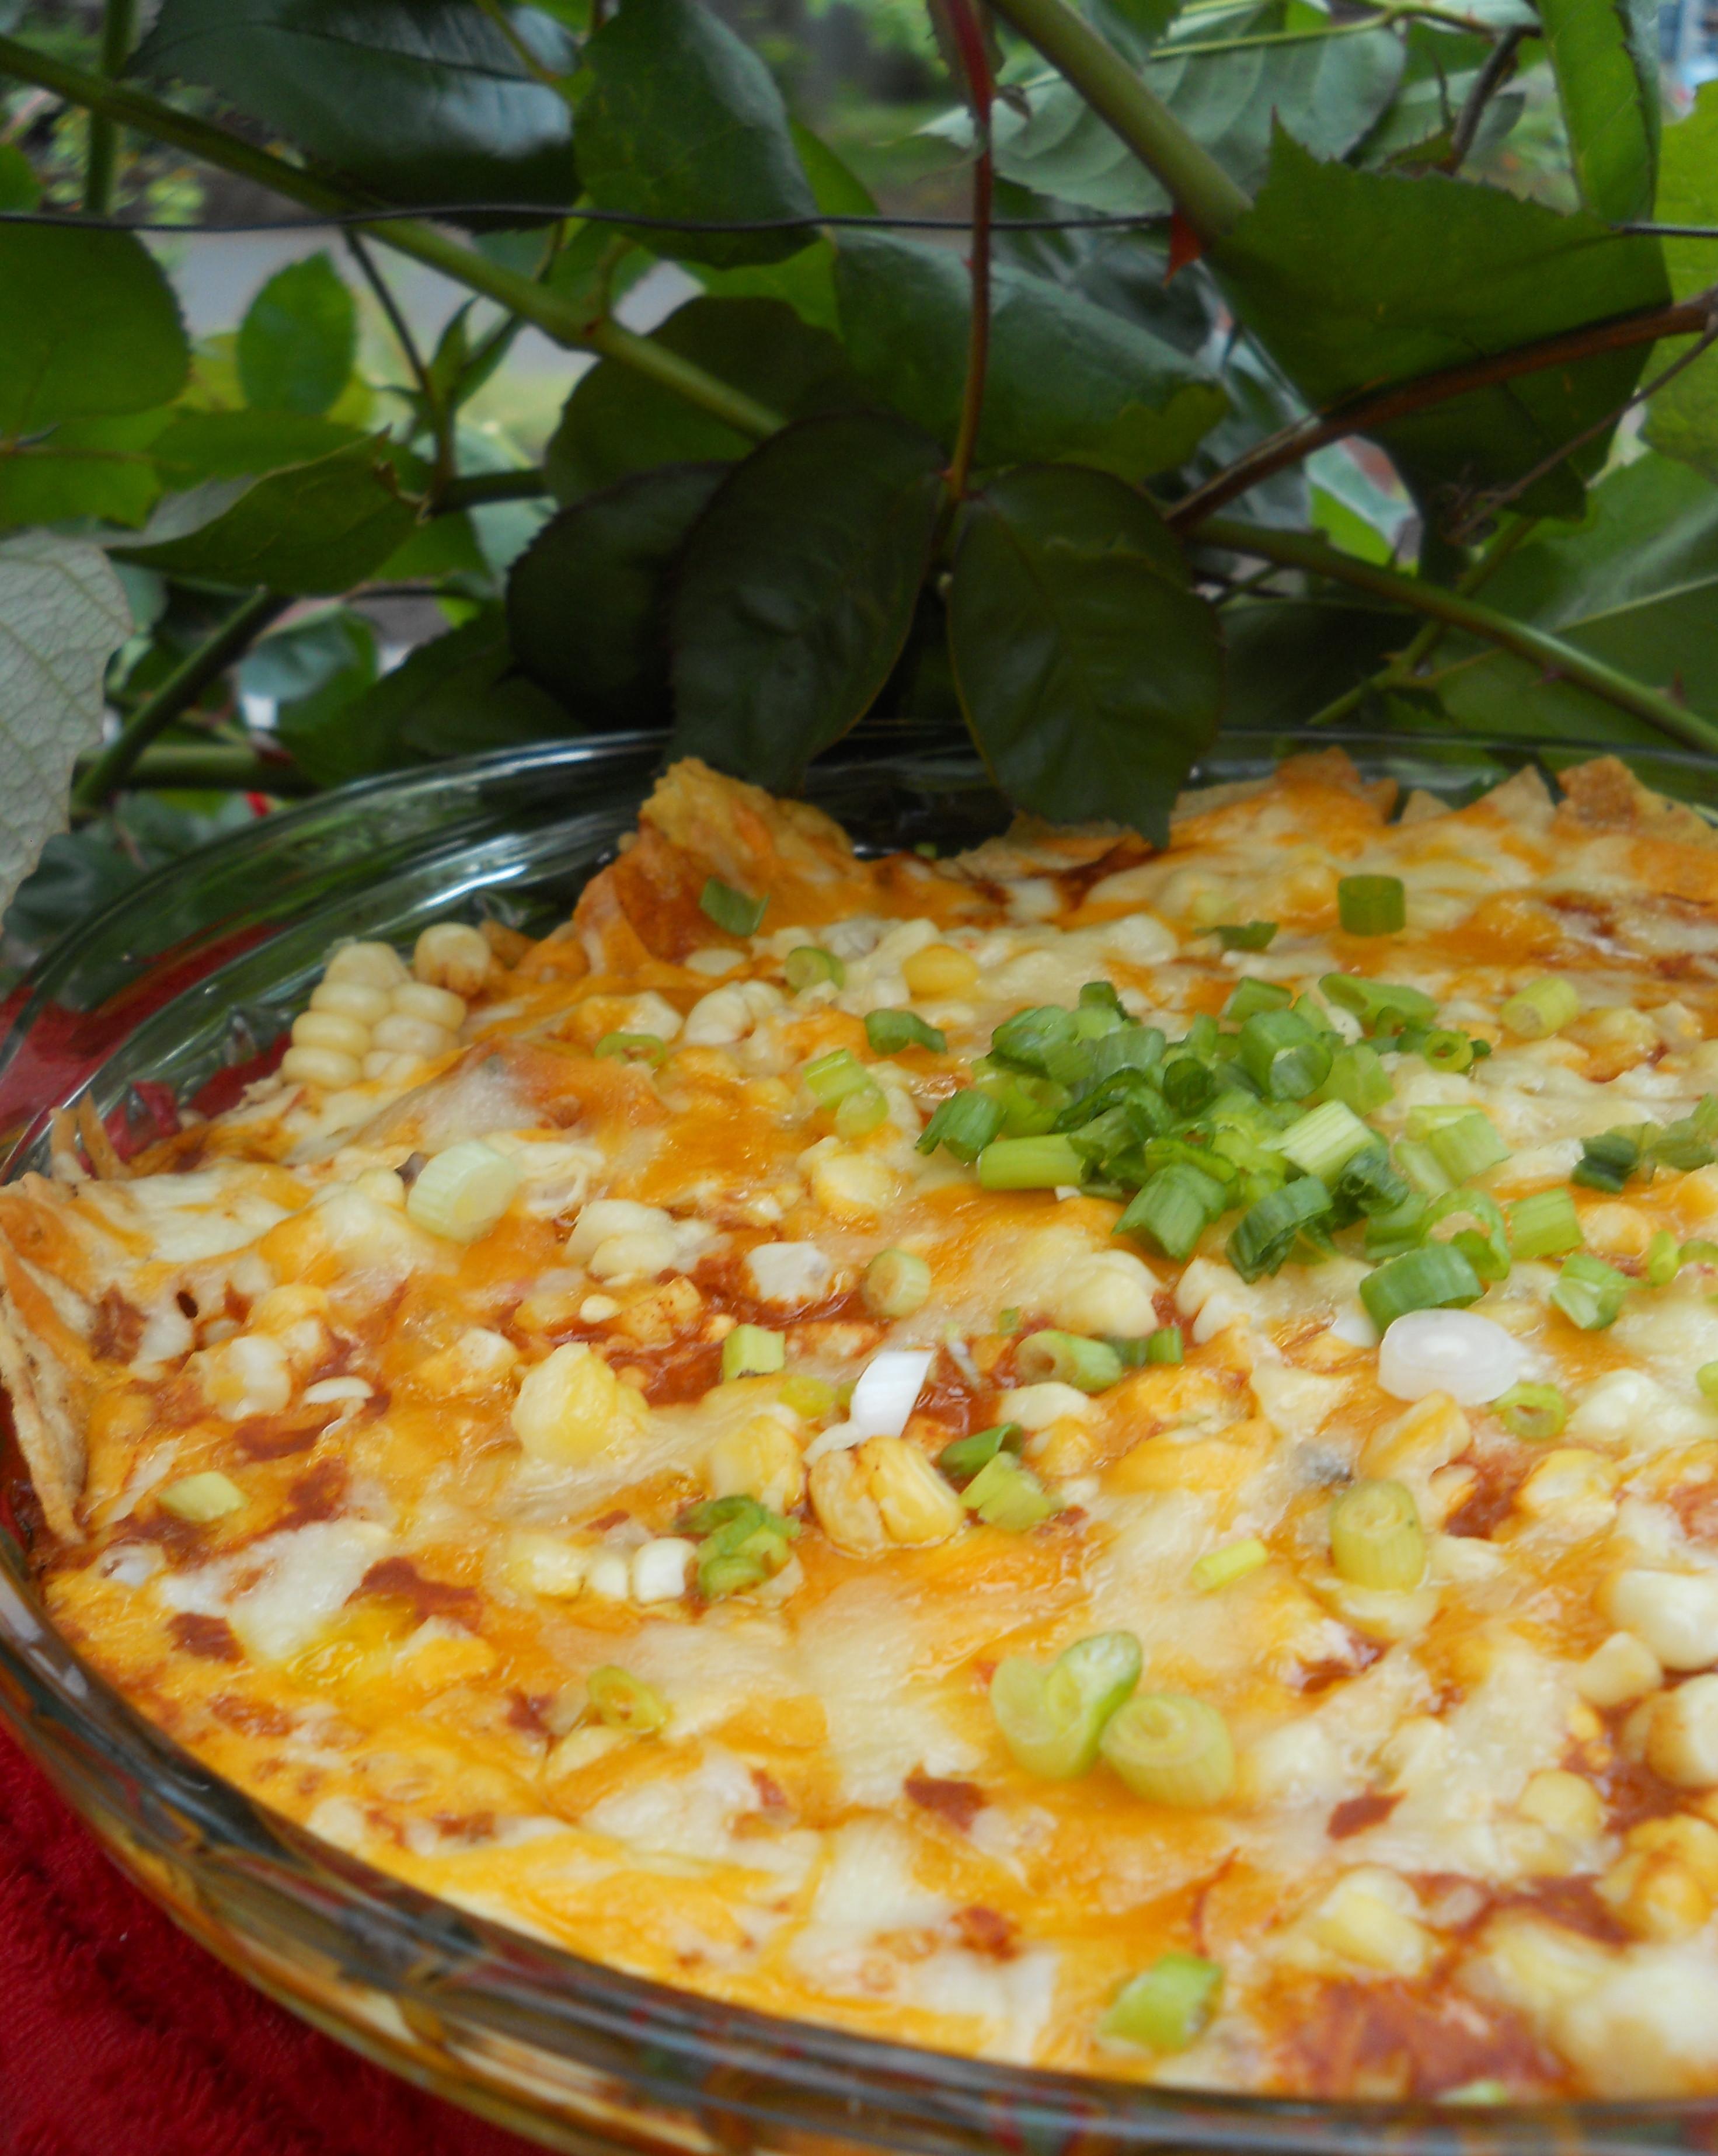 Easy Mexican Casserole  El Charro's Chilaquiles Easy Mexican Casserole for